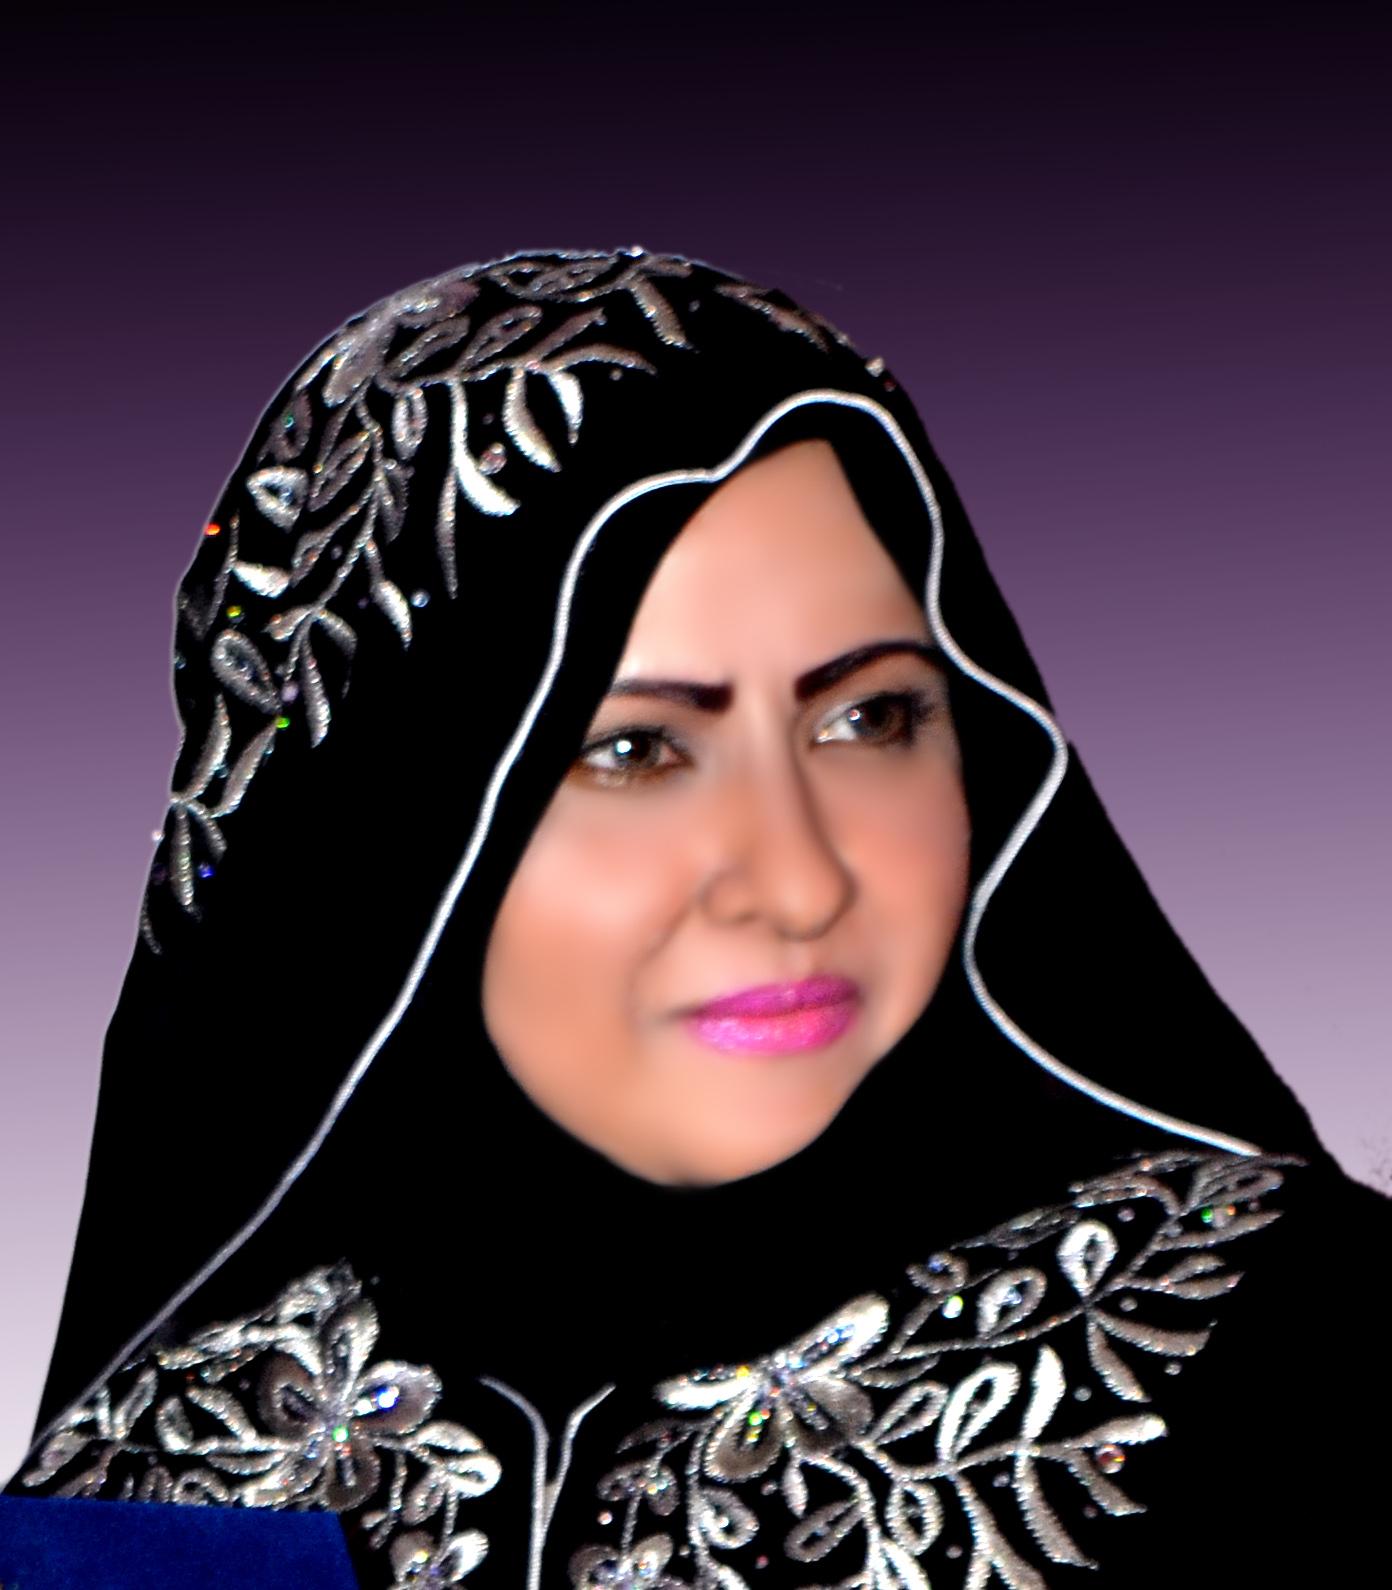 النساء قوامات على الرجال ..مقال للكاتبة السعودية / عبير سمكرى